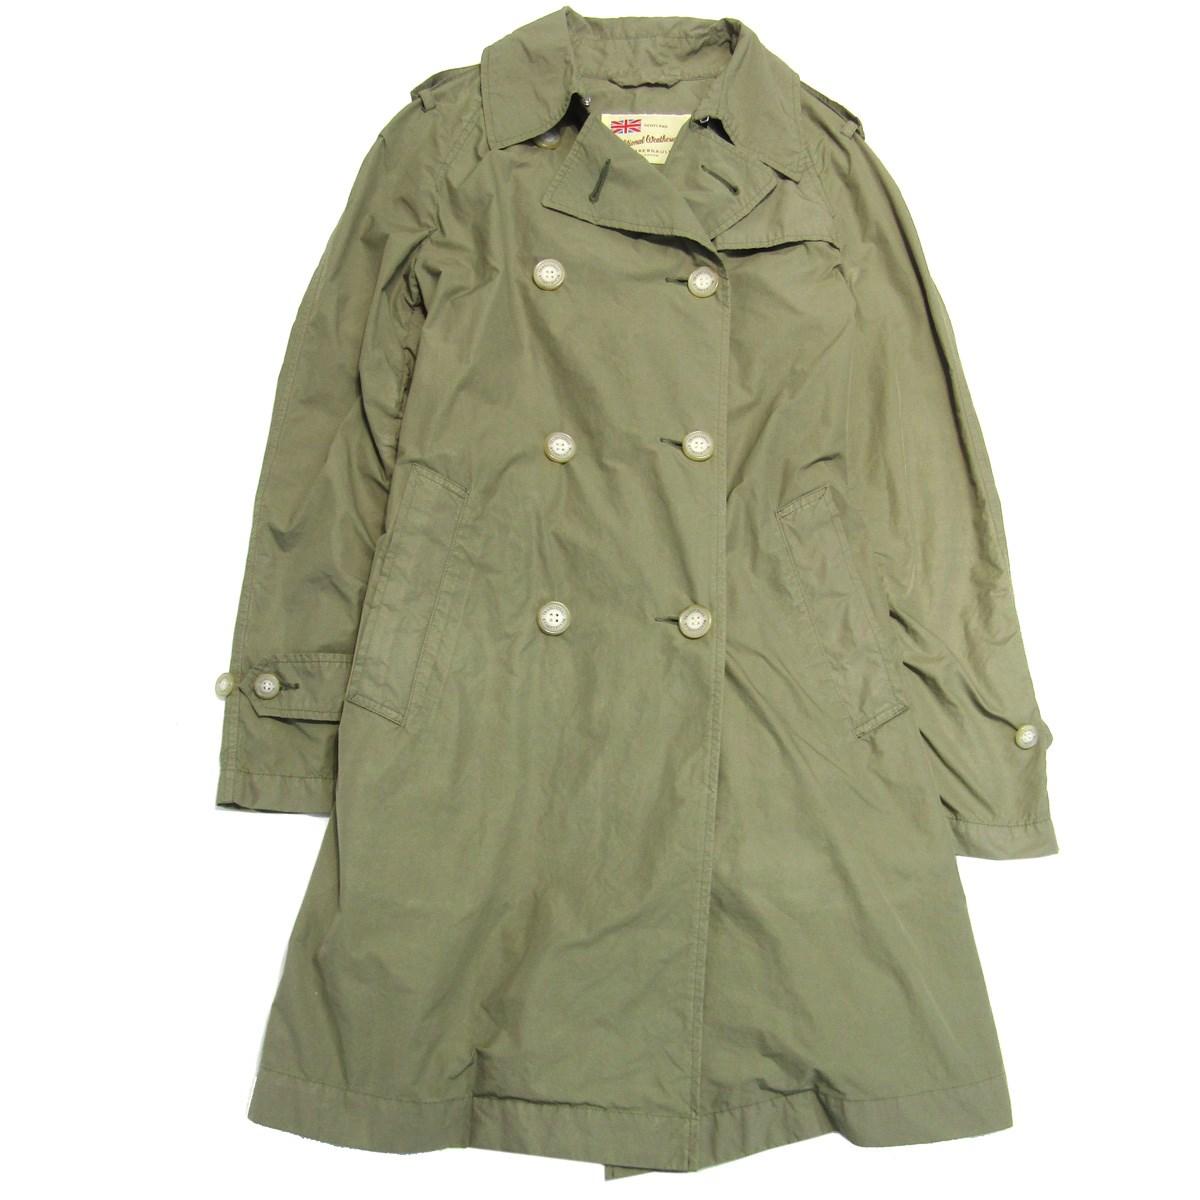 【中古】Traditional Weatherwear MELLING PACKABLE COAT パッカブルコート カーキ サイズ:34 【220420】(トラディショナル ウェザーウェア)